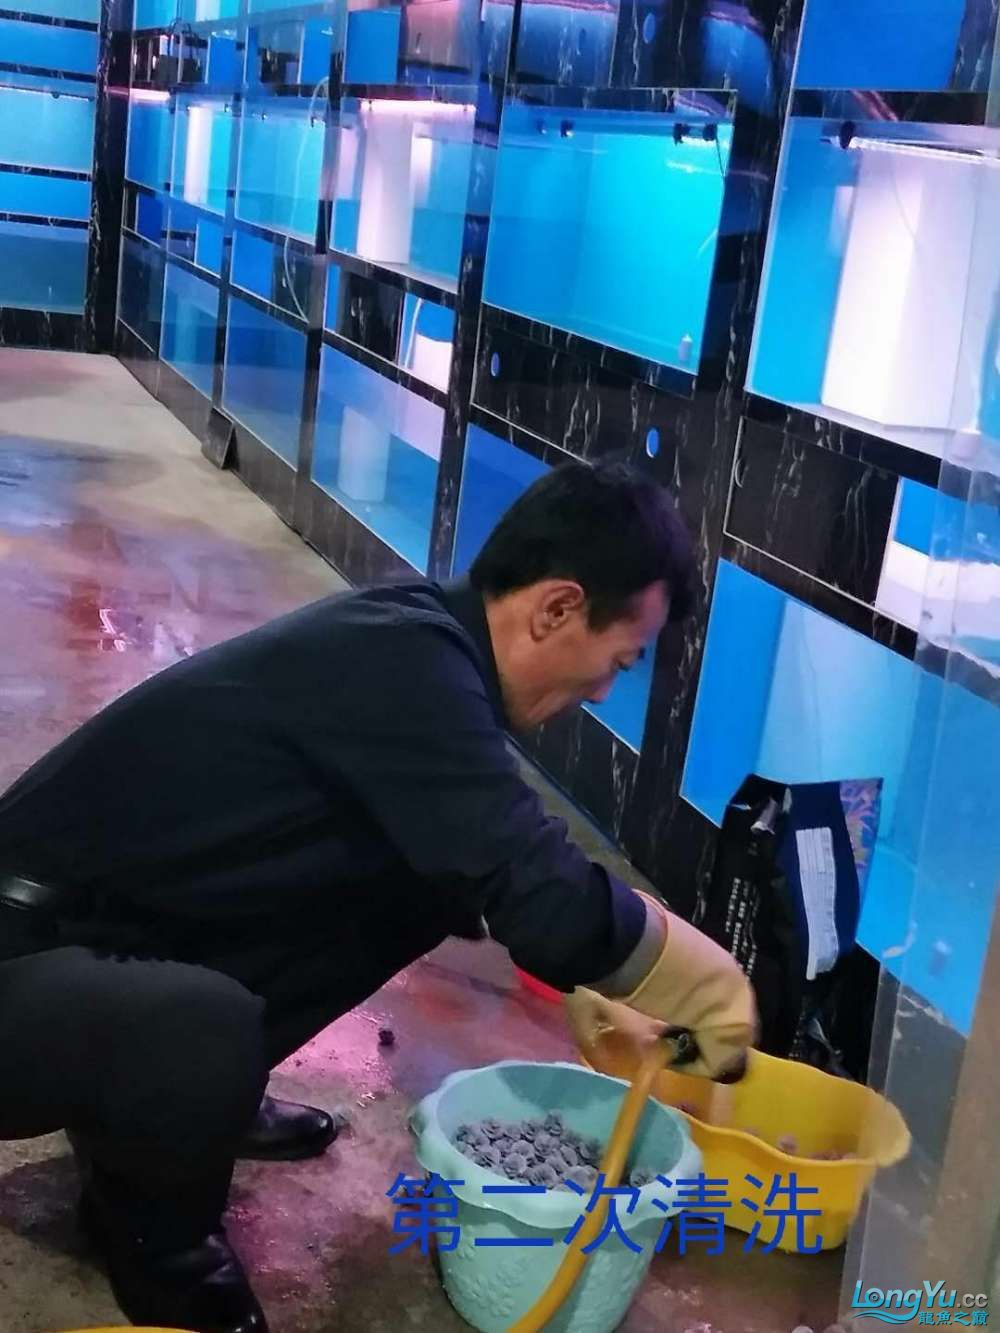 十川滤材试用报告 西安龙鱼论坛 西安博特第13张